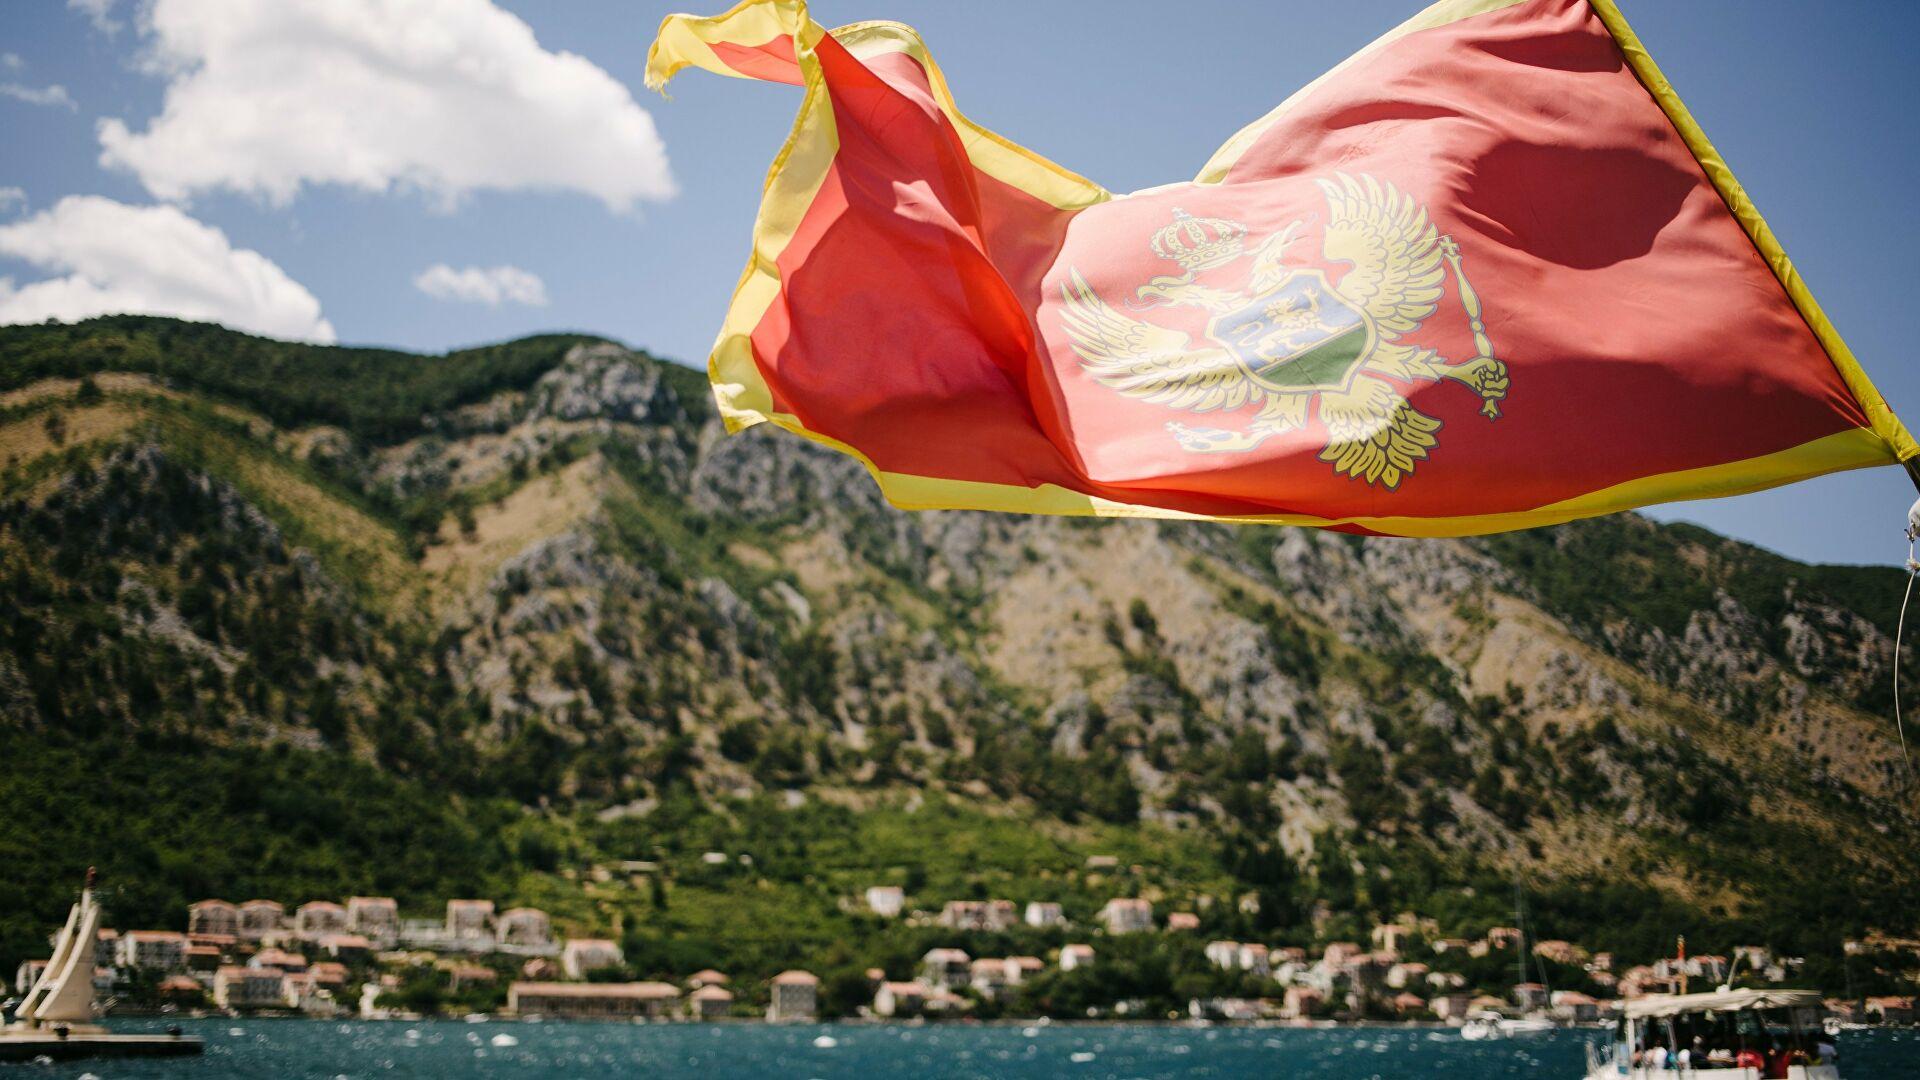 Објављени коначни резултати избора у Црној Гори, опозиција већина